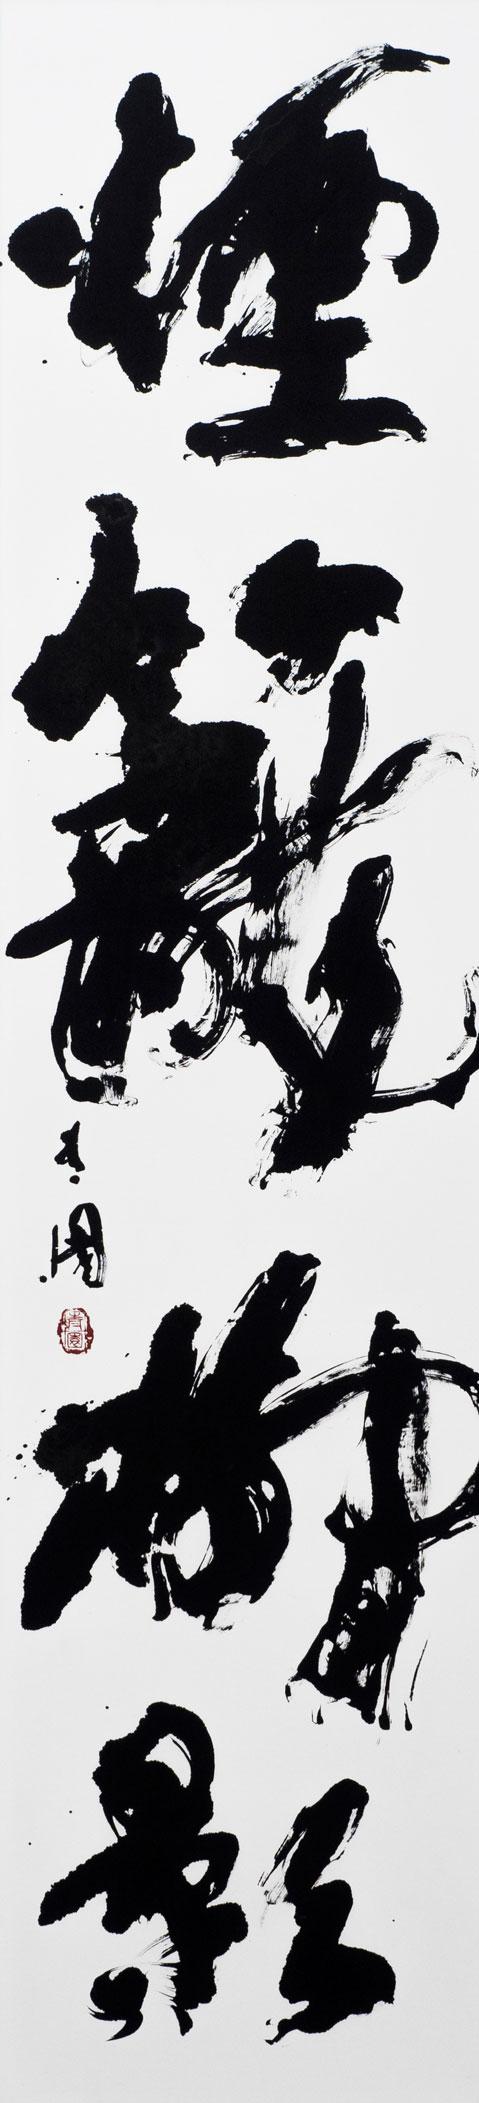 2017-jp-shodo-inspiration-376.jpg